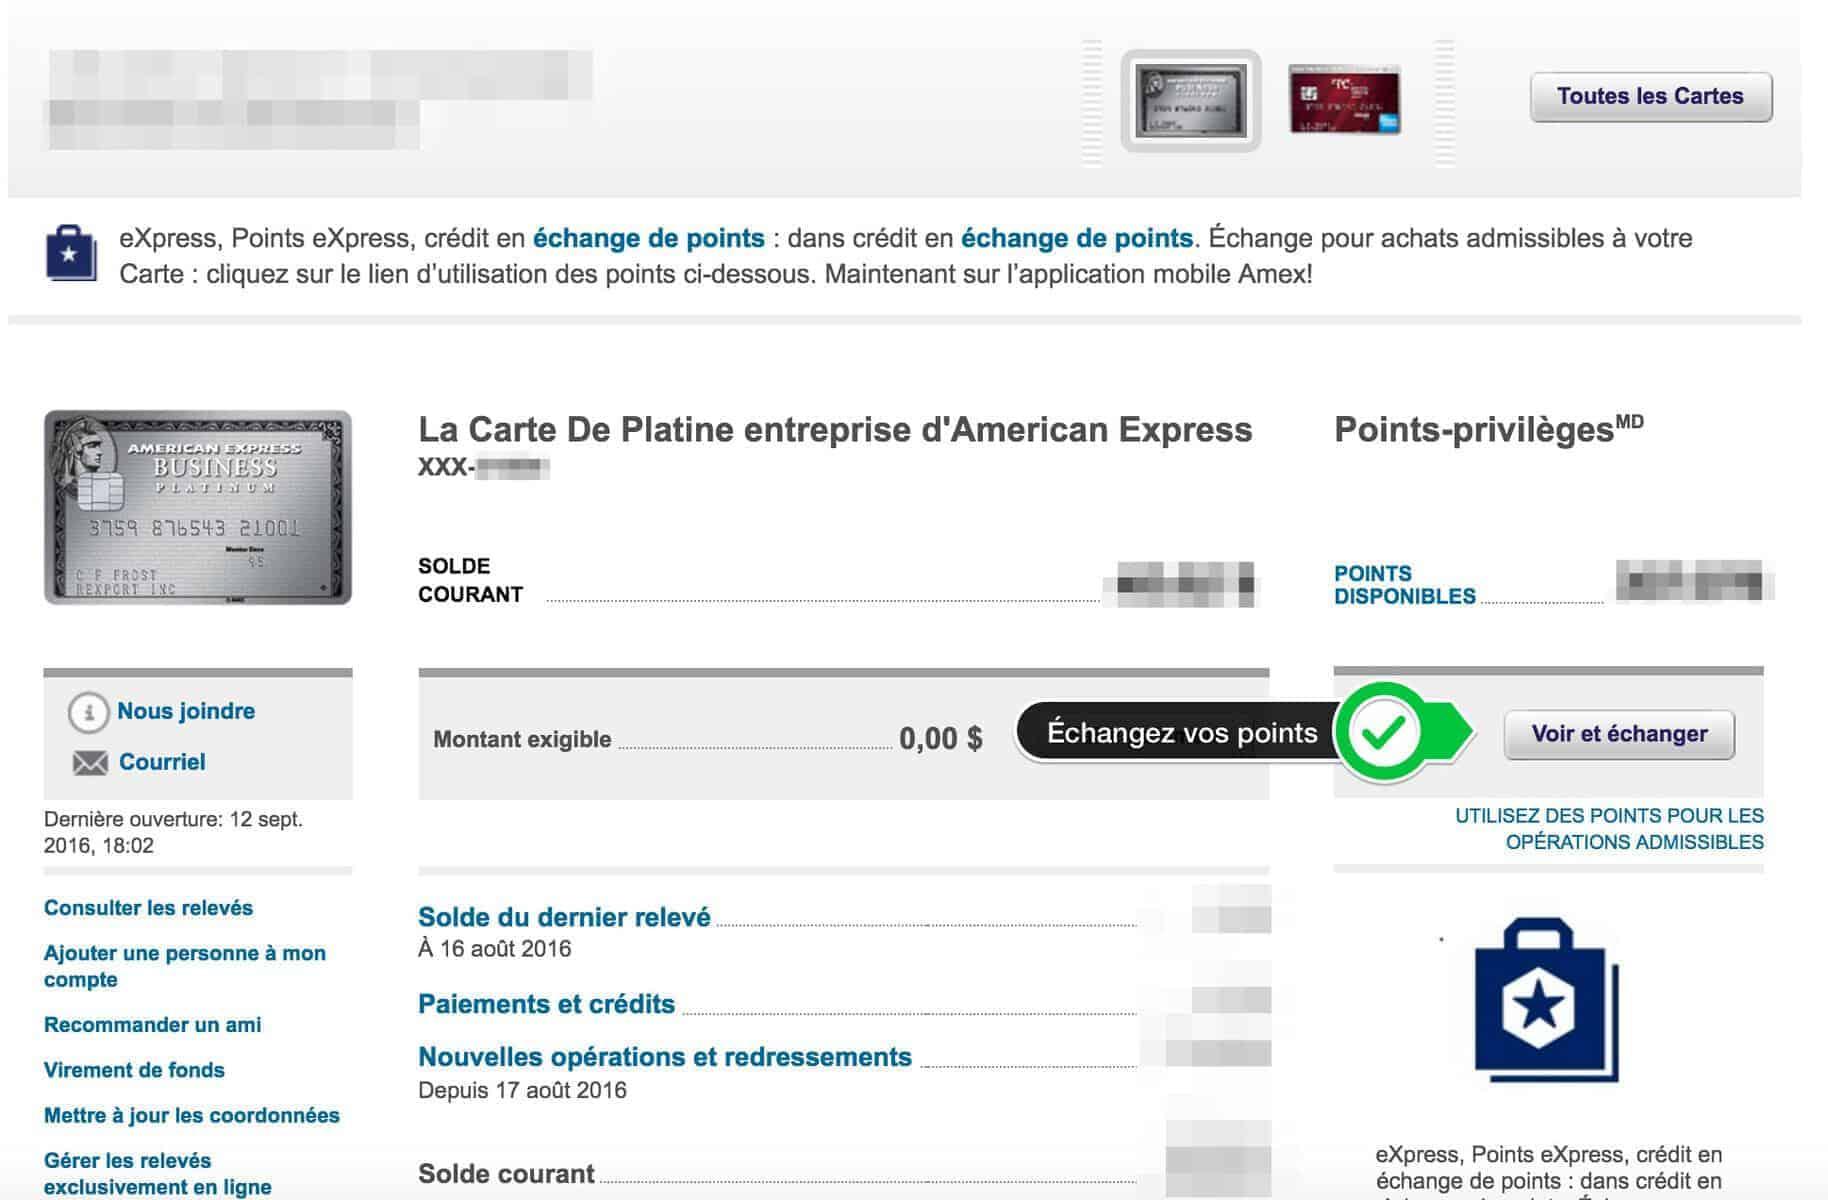 Connexion à votre compte American Express